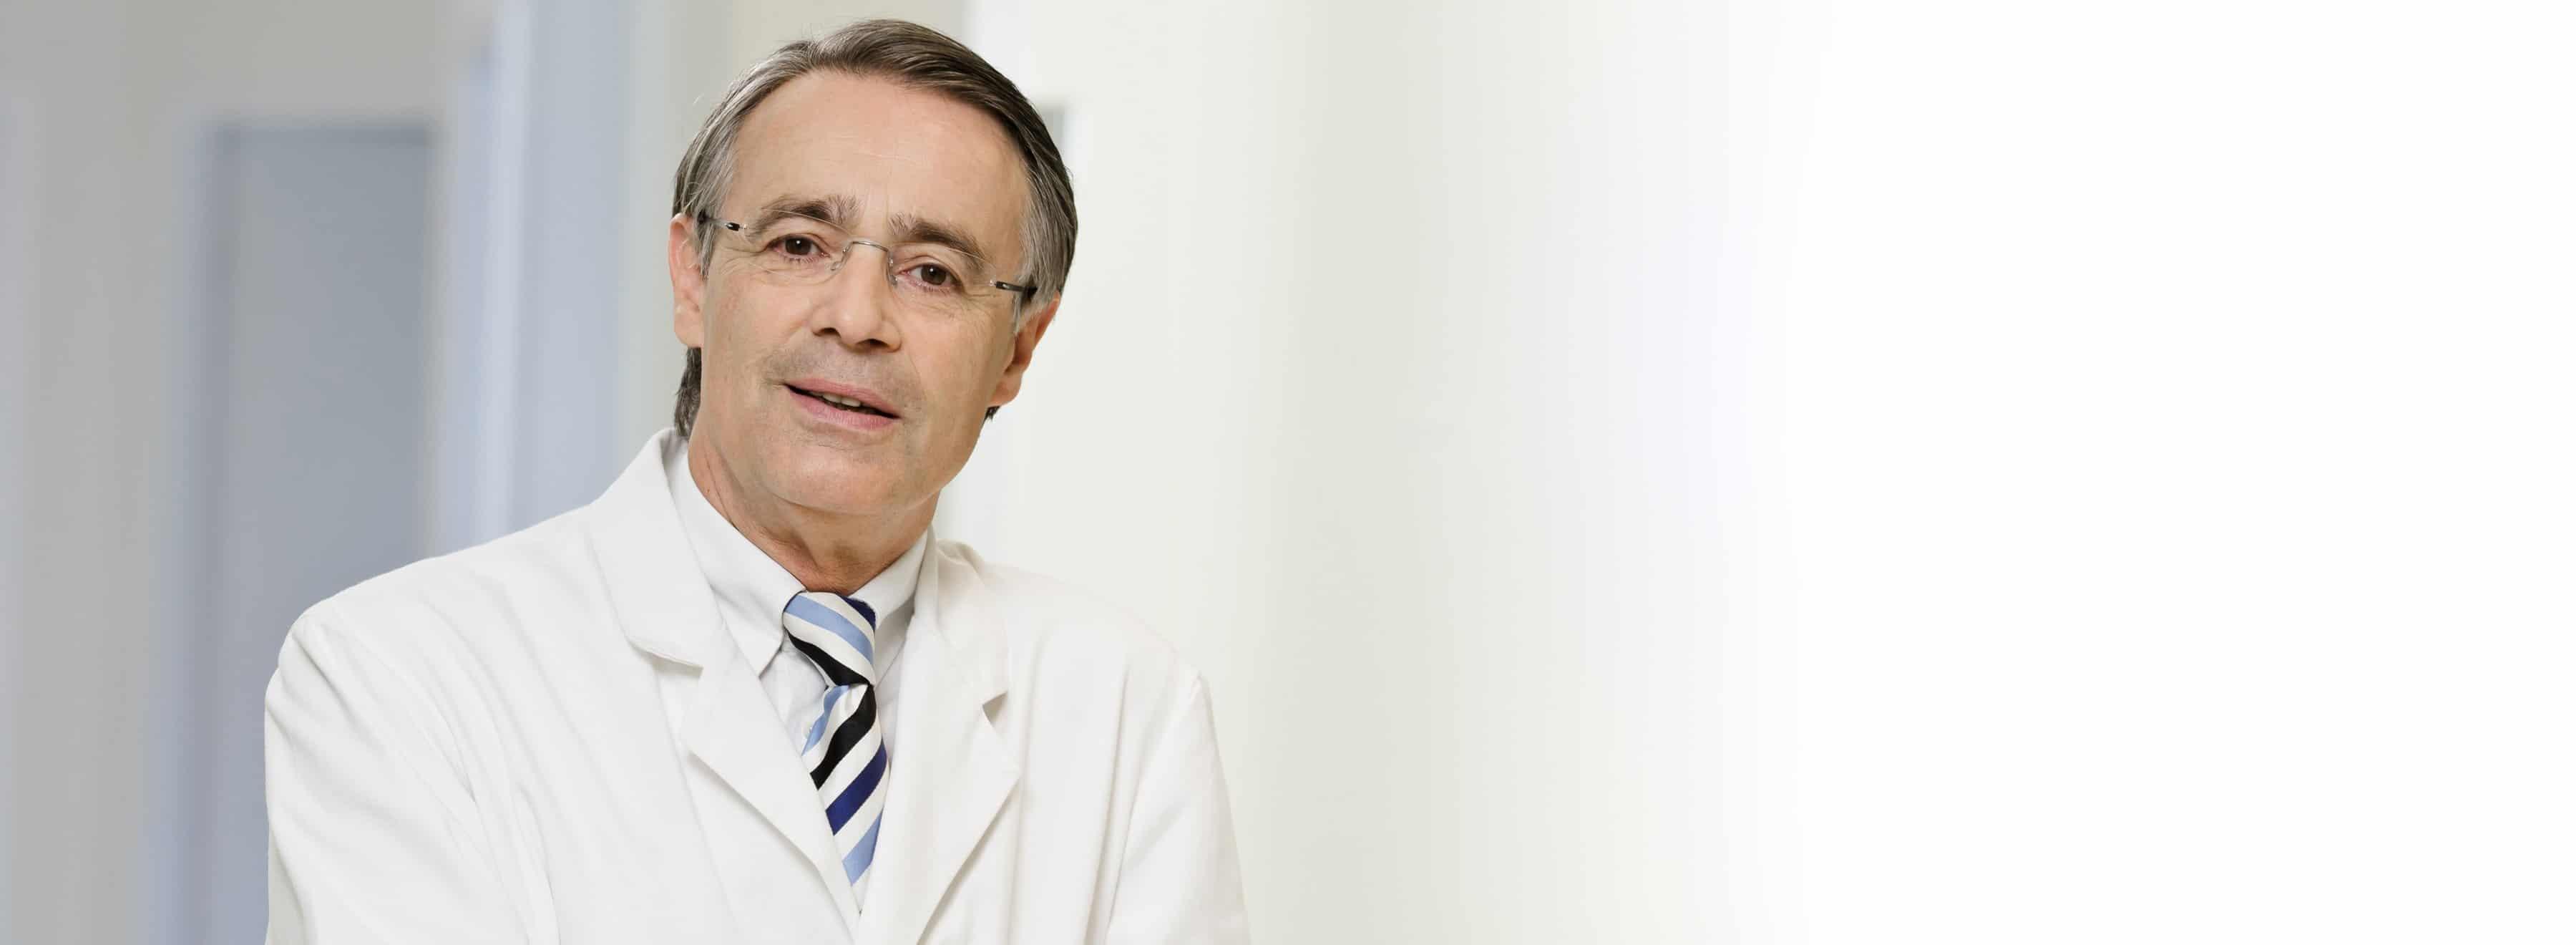 Portrait Plastisch-Ästhetischer Chirurg Dr. H. W. Hörl München